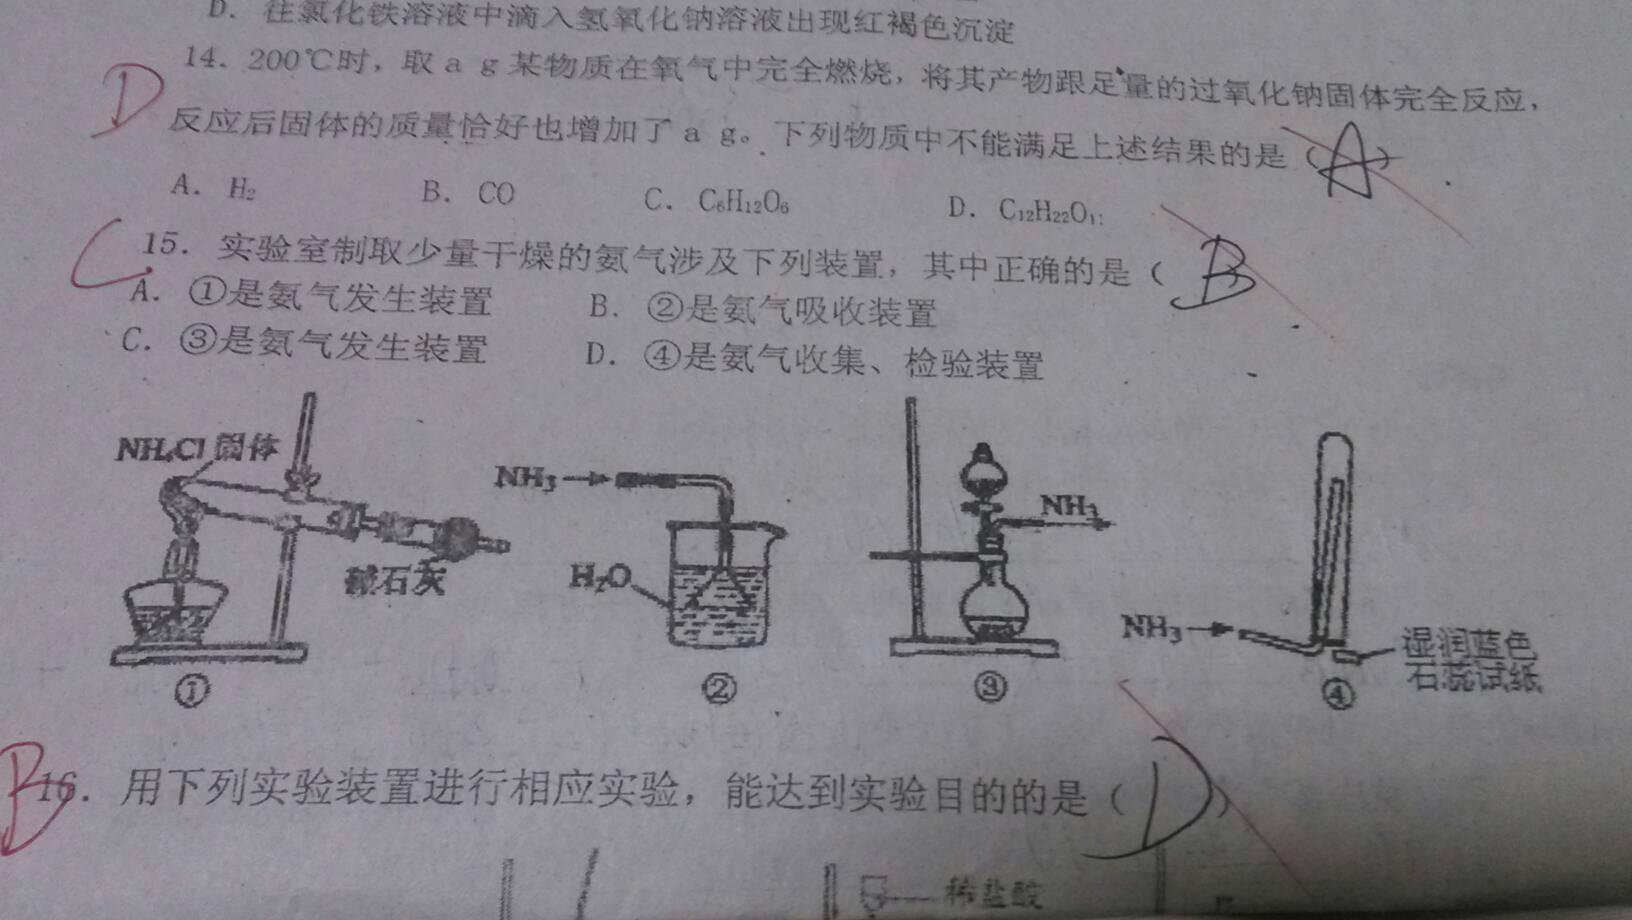 高一化学实验室制取氨气各实验装置图,有选项,求解释,谢谢图片